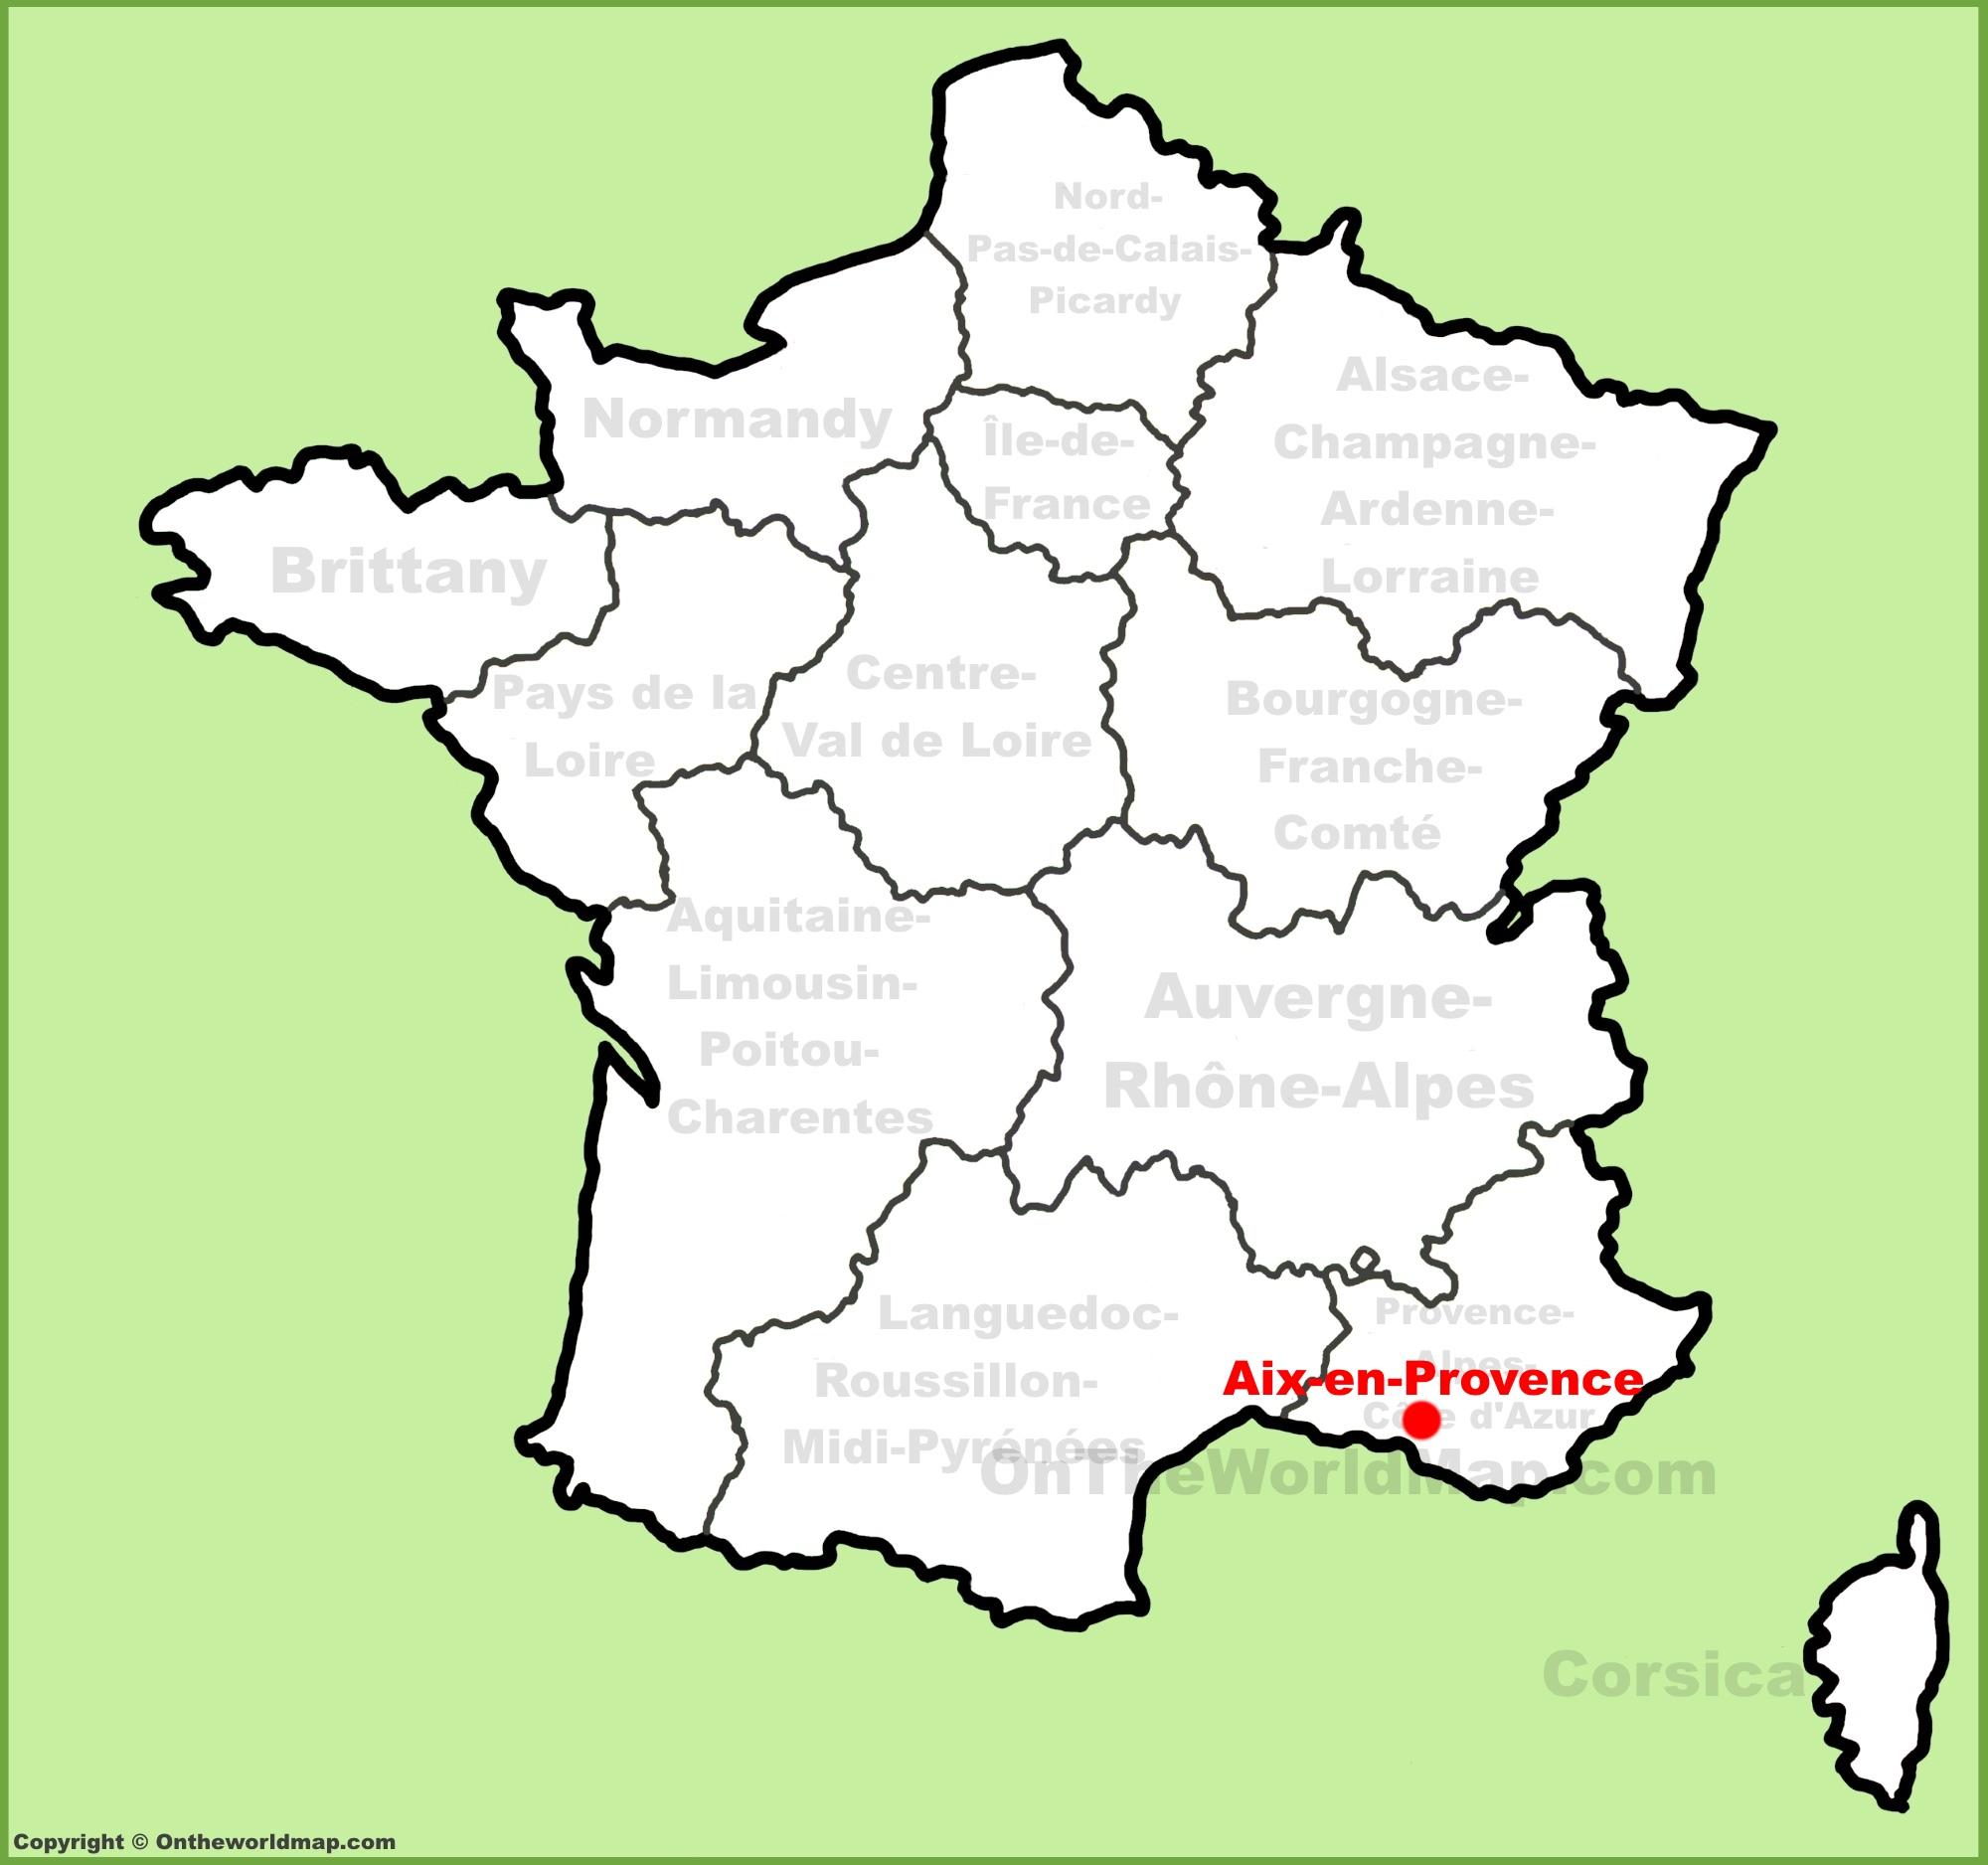 Aix En Provence Map Aix en Provence location on the France map Aix En Provence Map